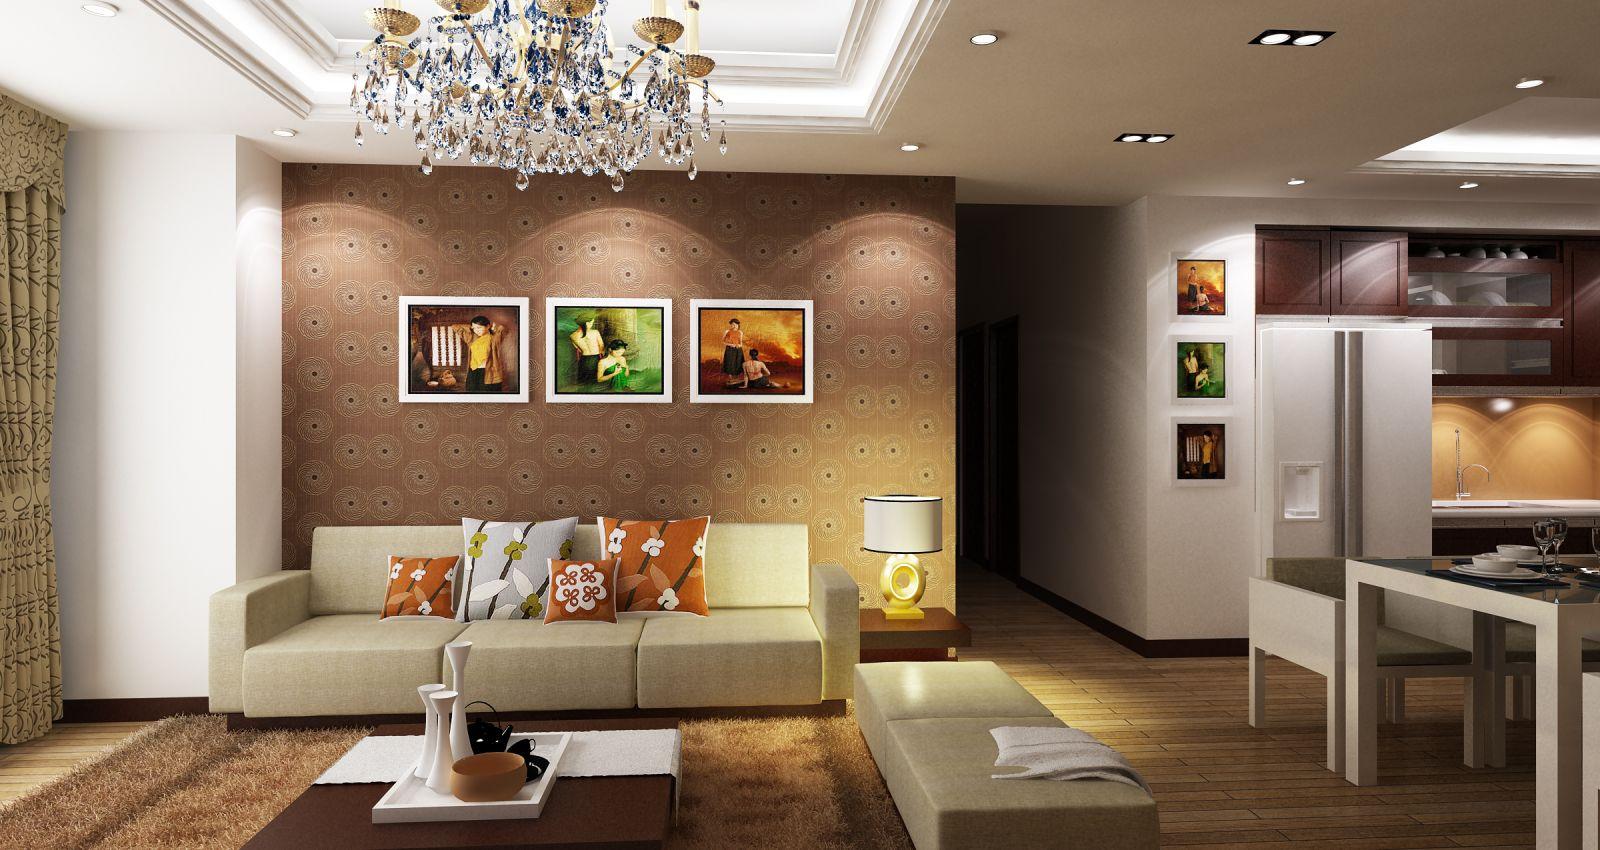 Các xu hướng thiết kế nội thất chung cư 2017 bạn nên biết